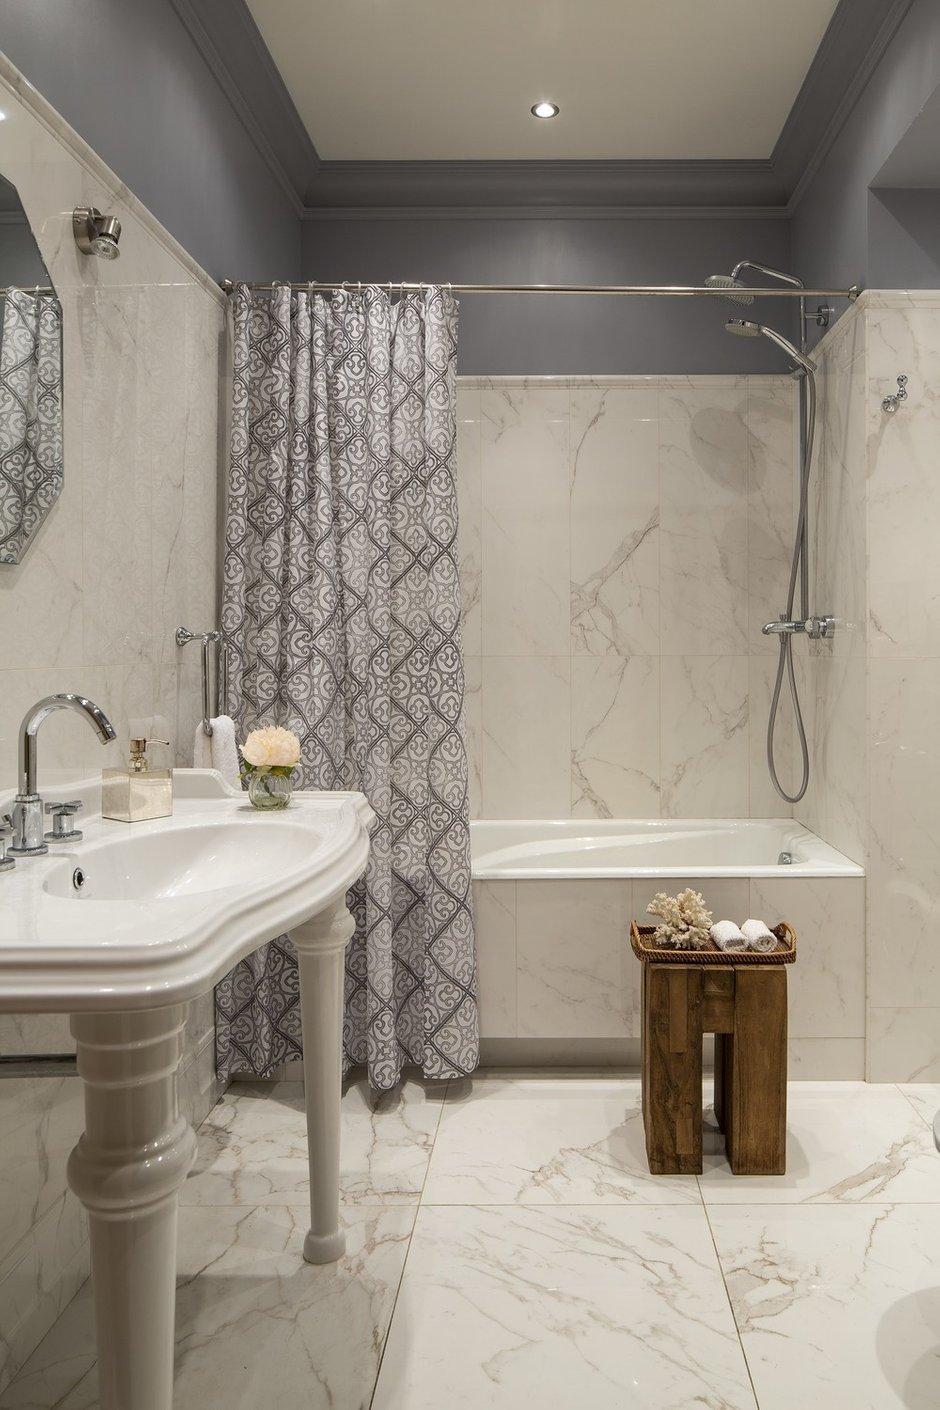 Фотография: Ванная в стиле Прованс и Кантри, Эклектика, Квартира, Проект недели, Москва, Олеся Шляхтина, 2 комнаты, 3 комнаты, 60-90 метров – фото на INMYROOM